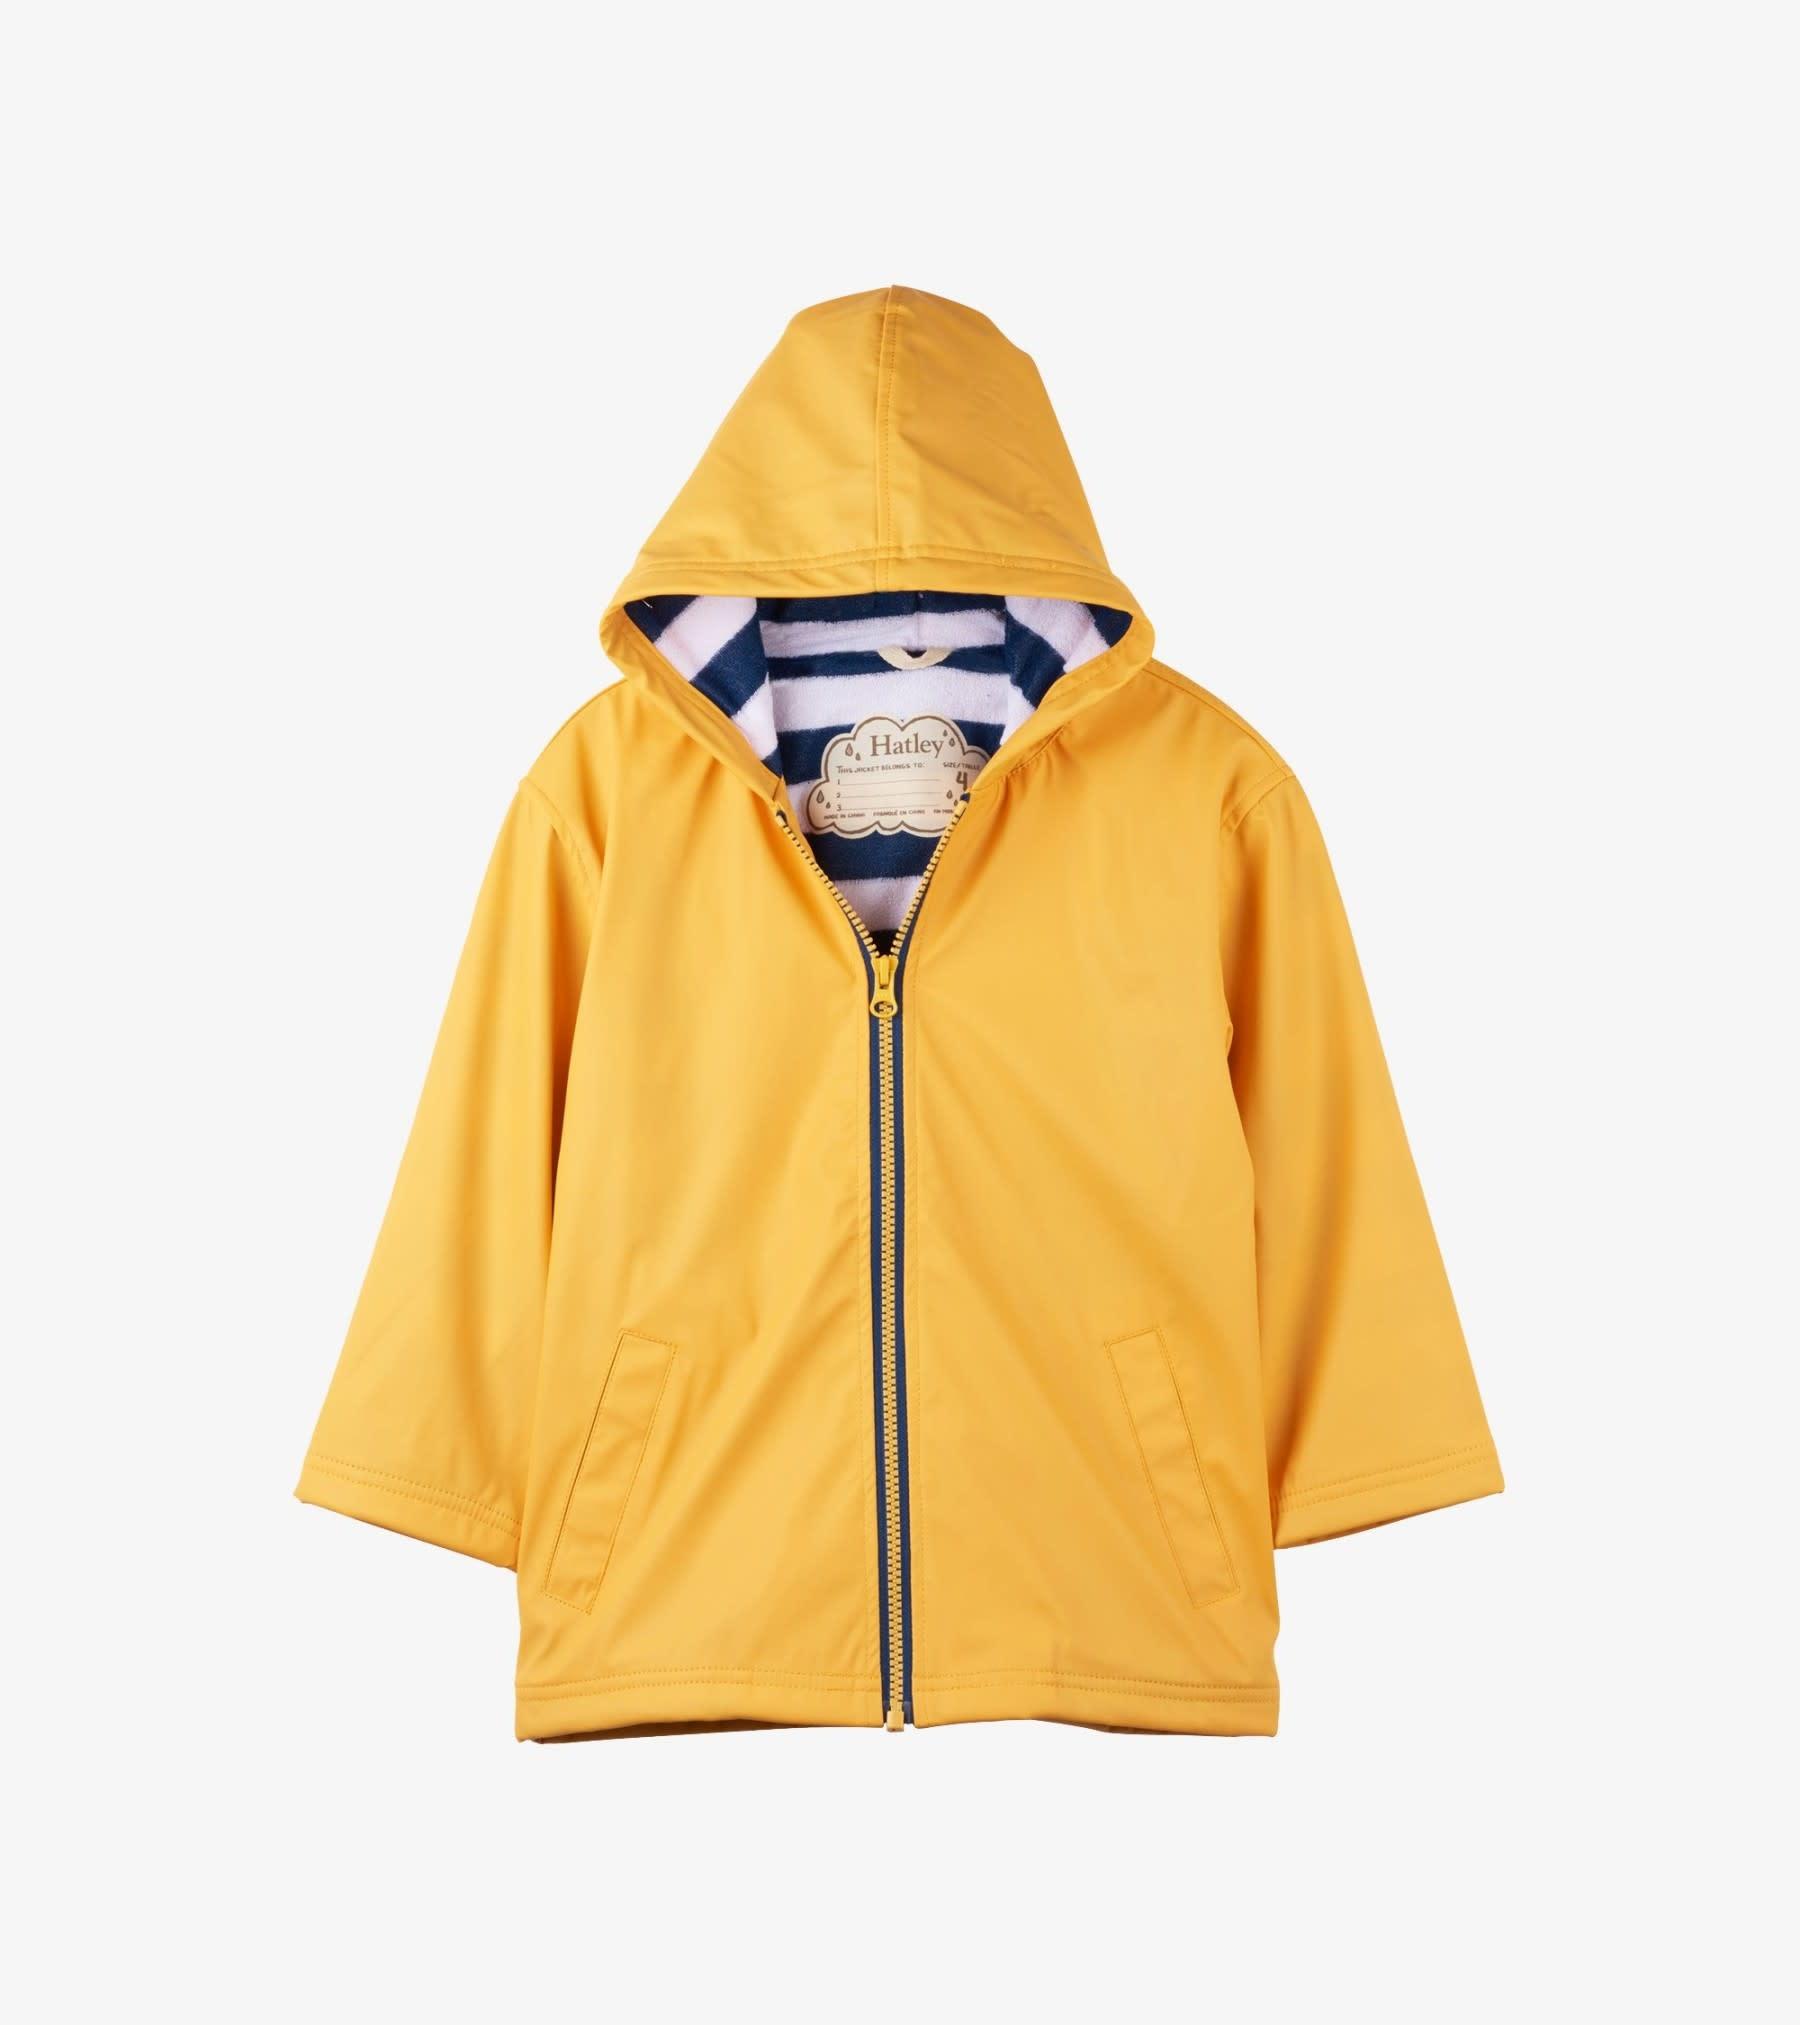 Hatley Hatley Splash Jacket Yellow and Navy